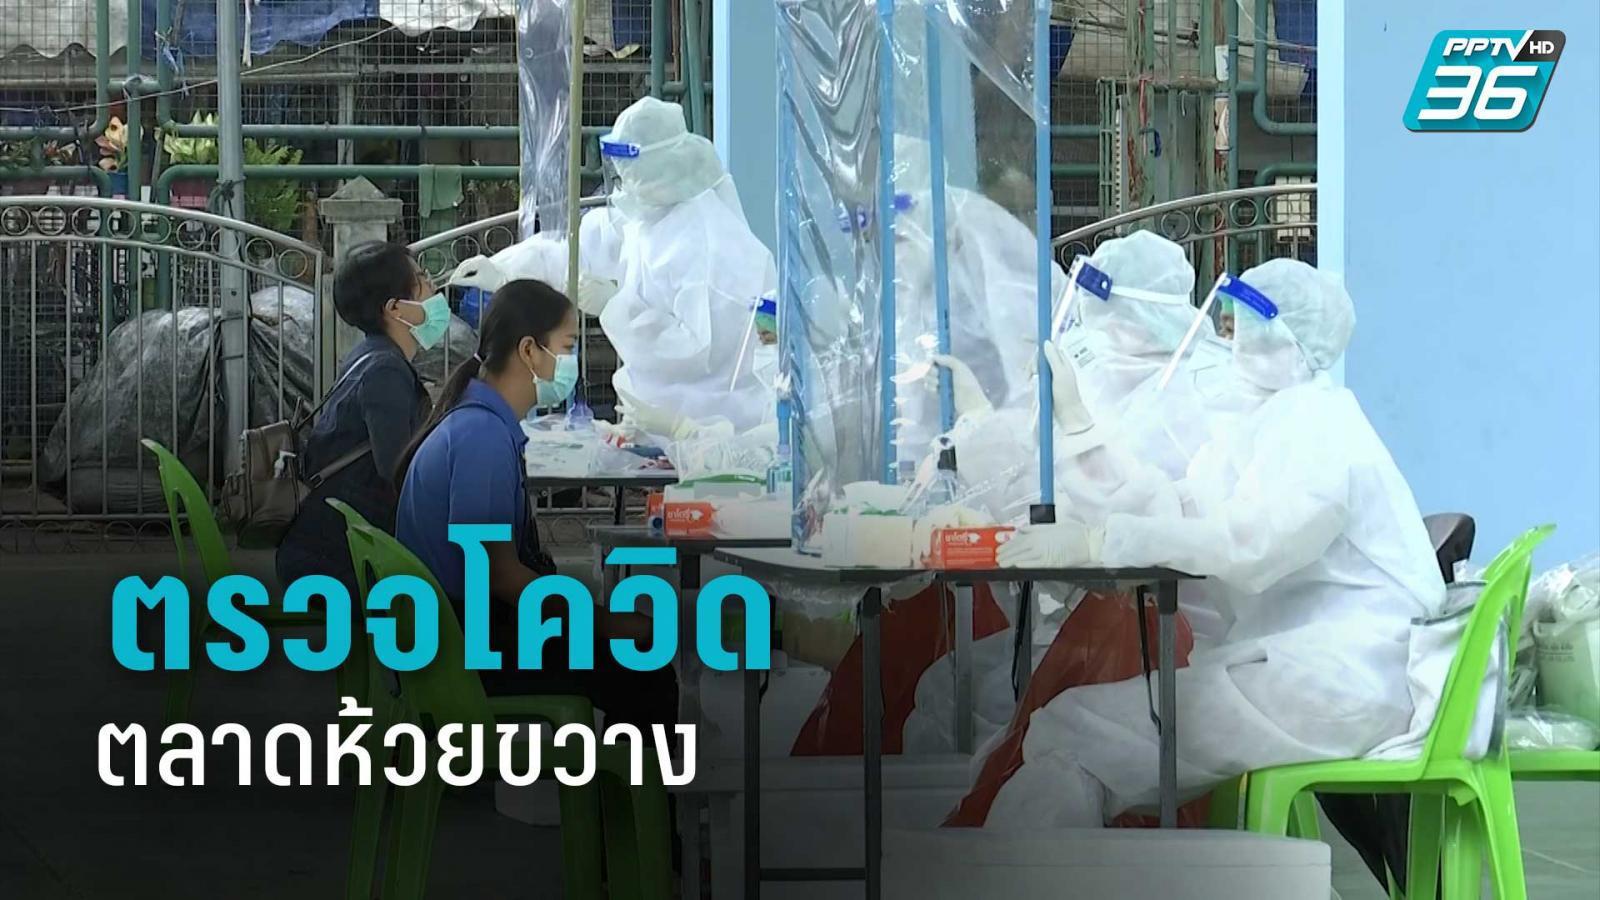 กทม.ลุยตรวจโควิดเชิงรุกผู้ค้า-แรงงานตลาดห้วยขวาง 300 คน